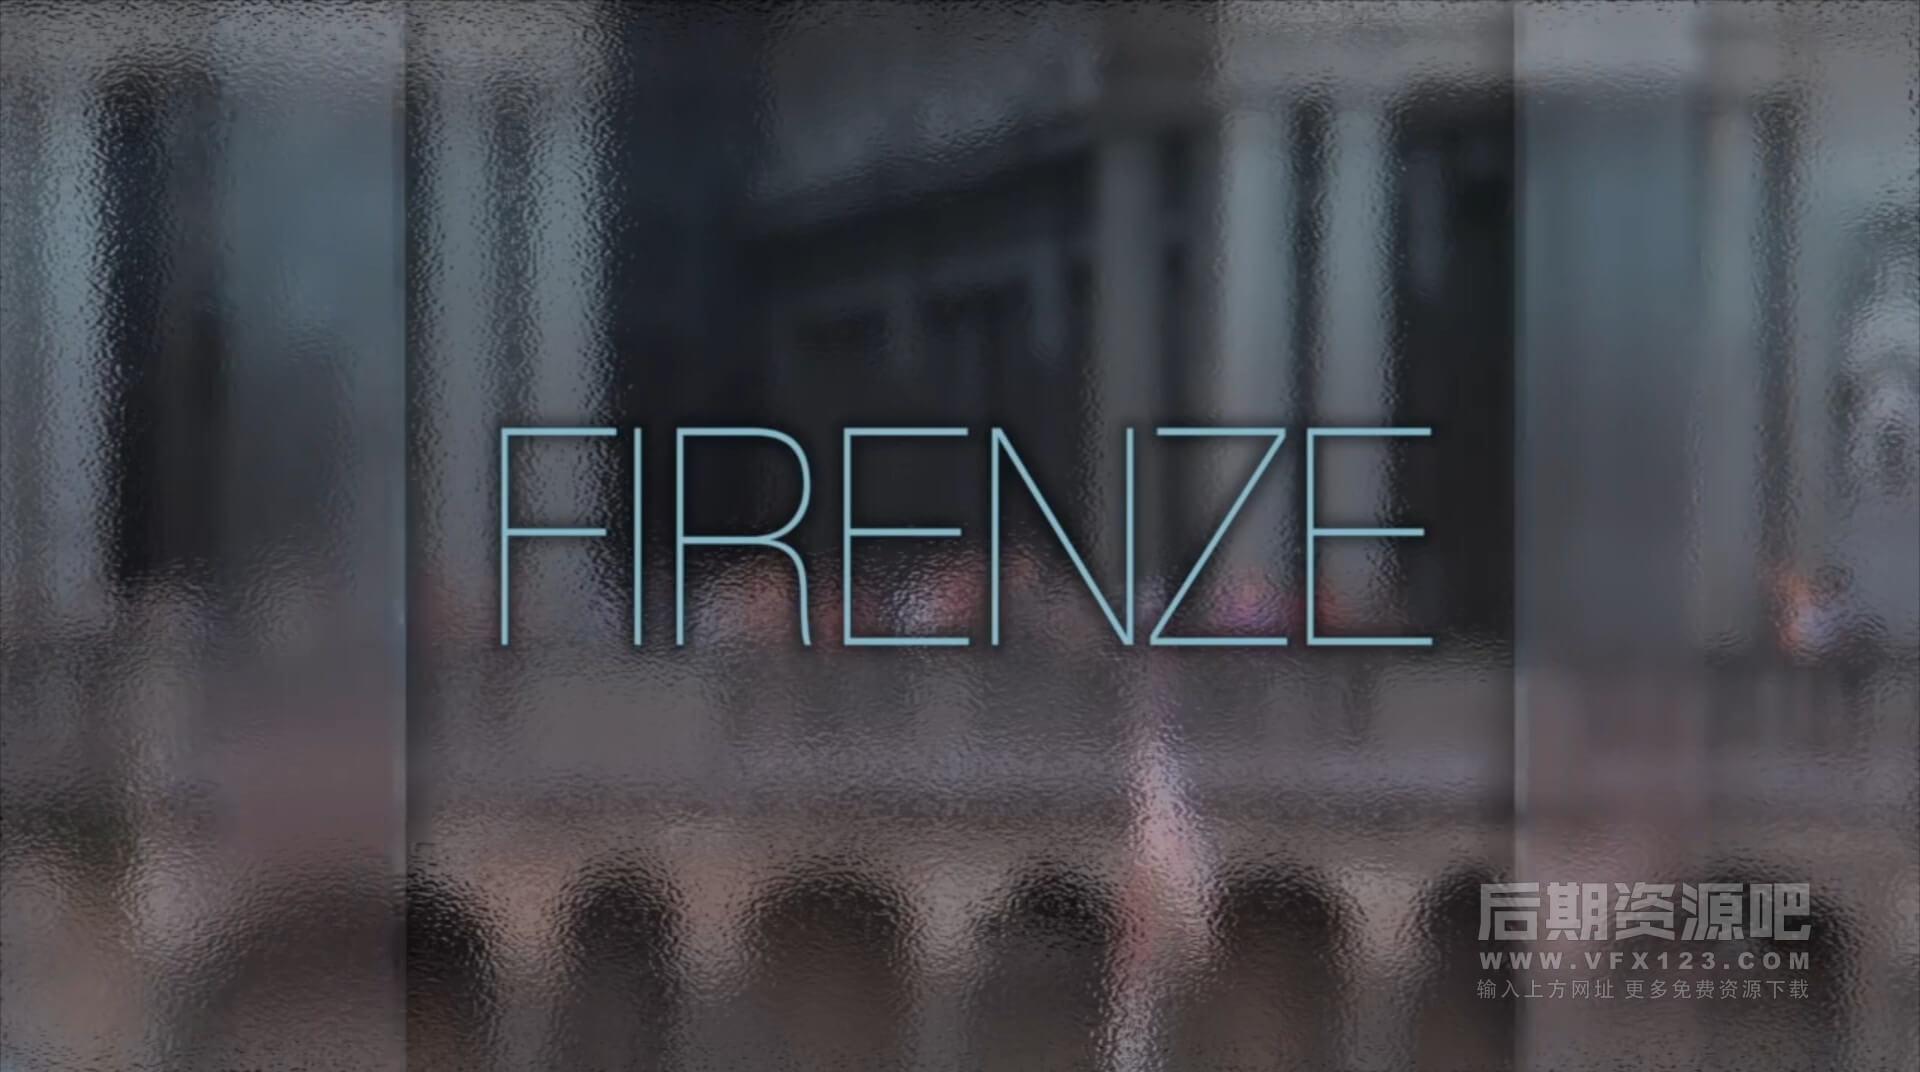 Fcpx插件 毛玻璃效果标题生成器主题模板前景效果 FrostyGlass